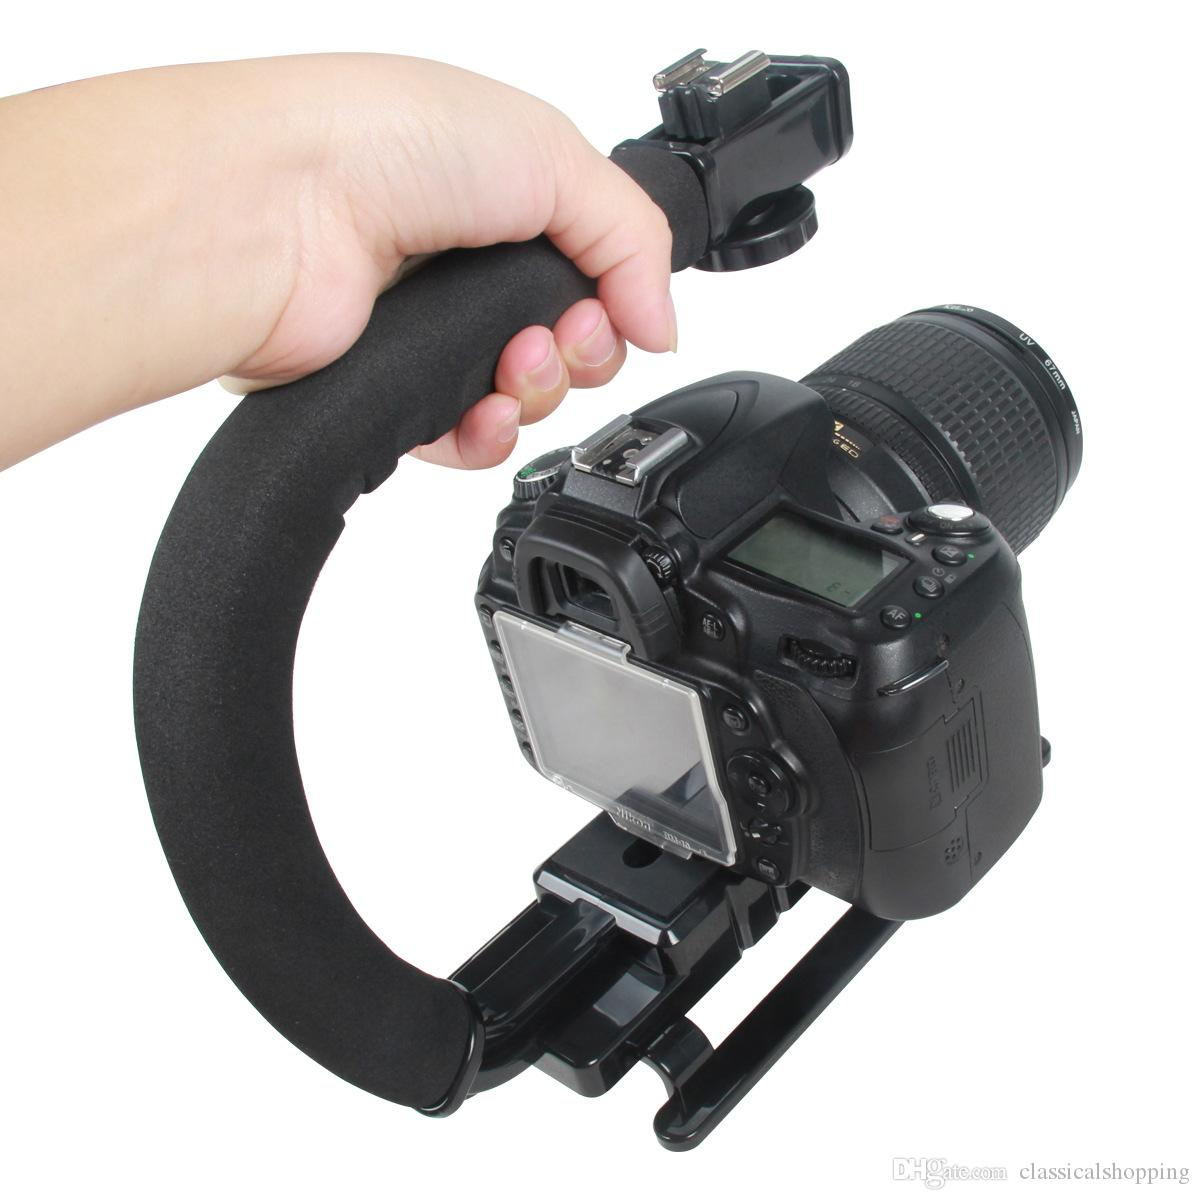 Stabilisateur de pochette de poche Vidéo de portefeuille C pour DSLR Nikon Canon Sony Camera et Light Portable ScLR Steadicam pour GoPro